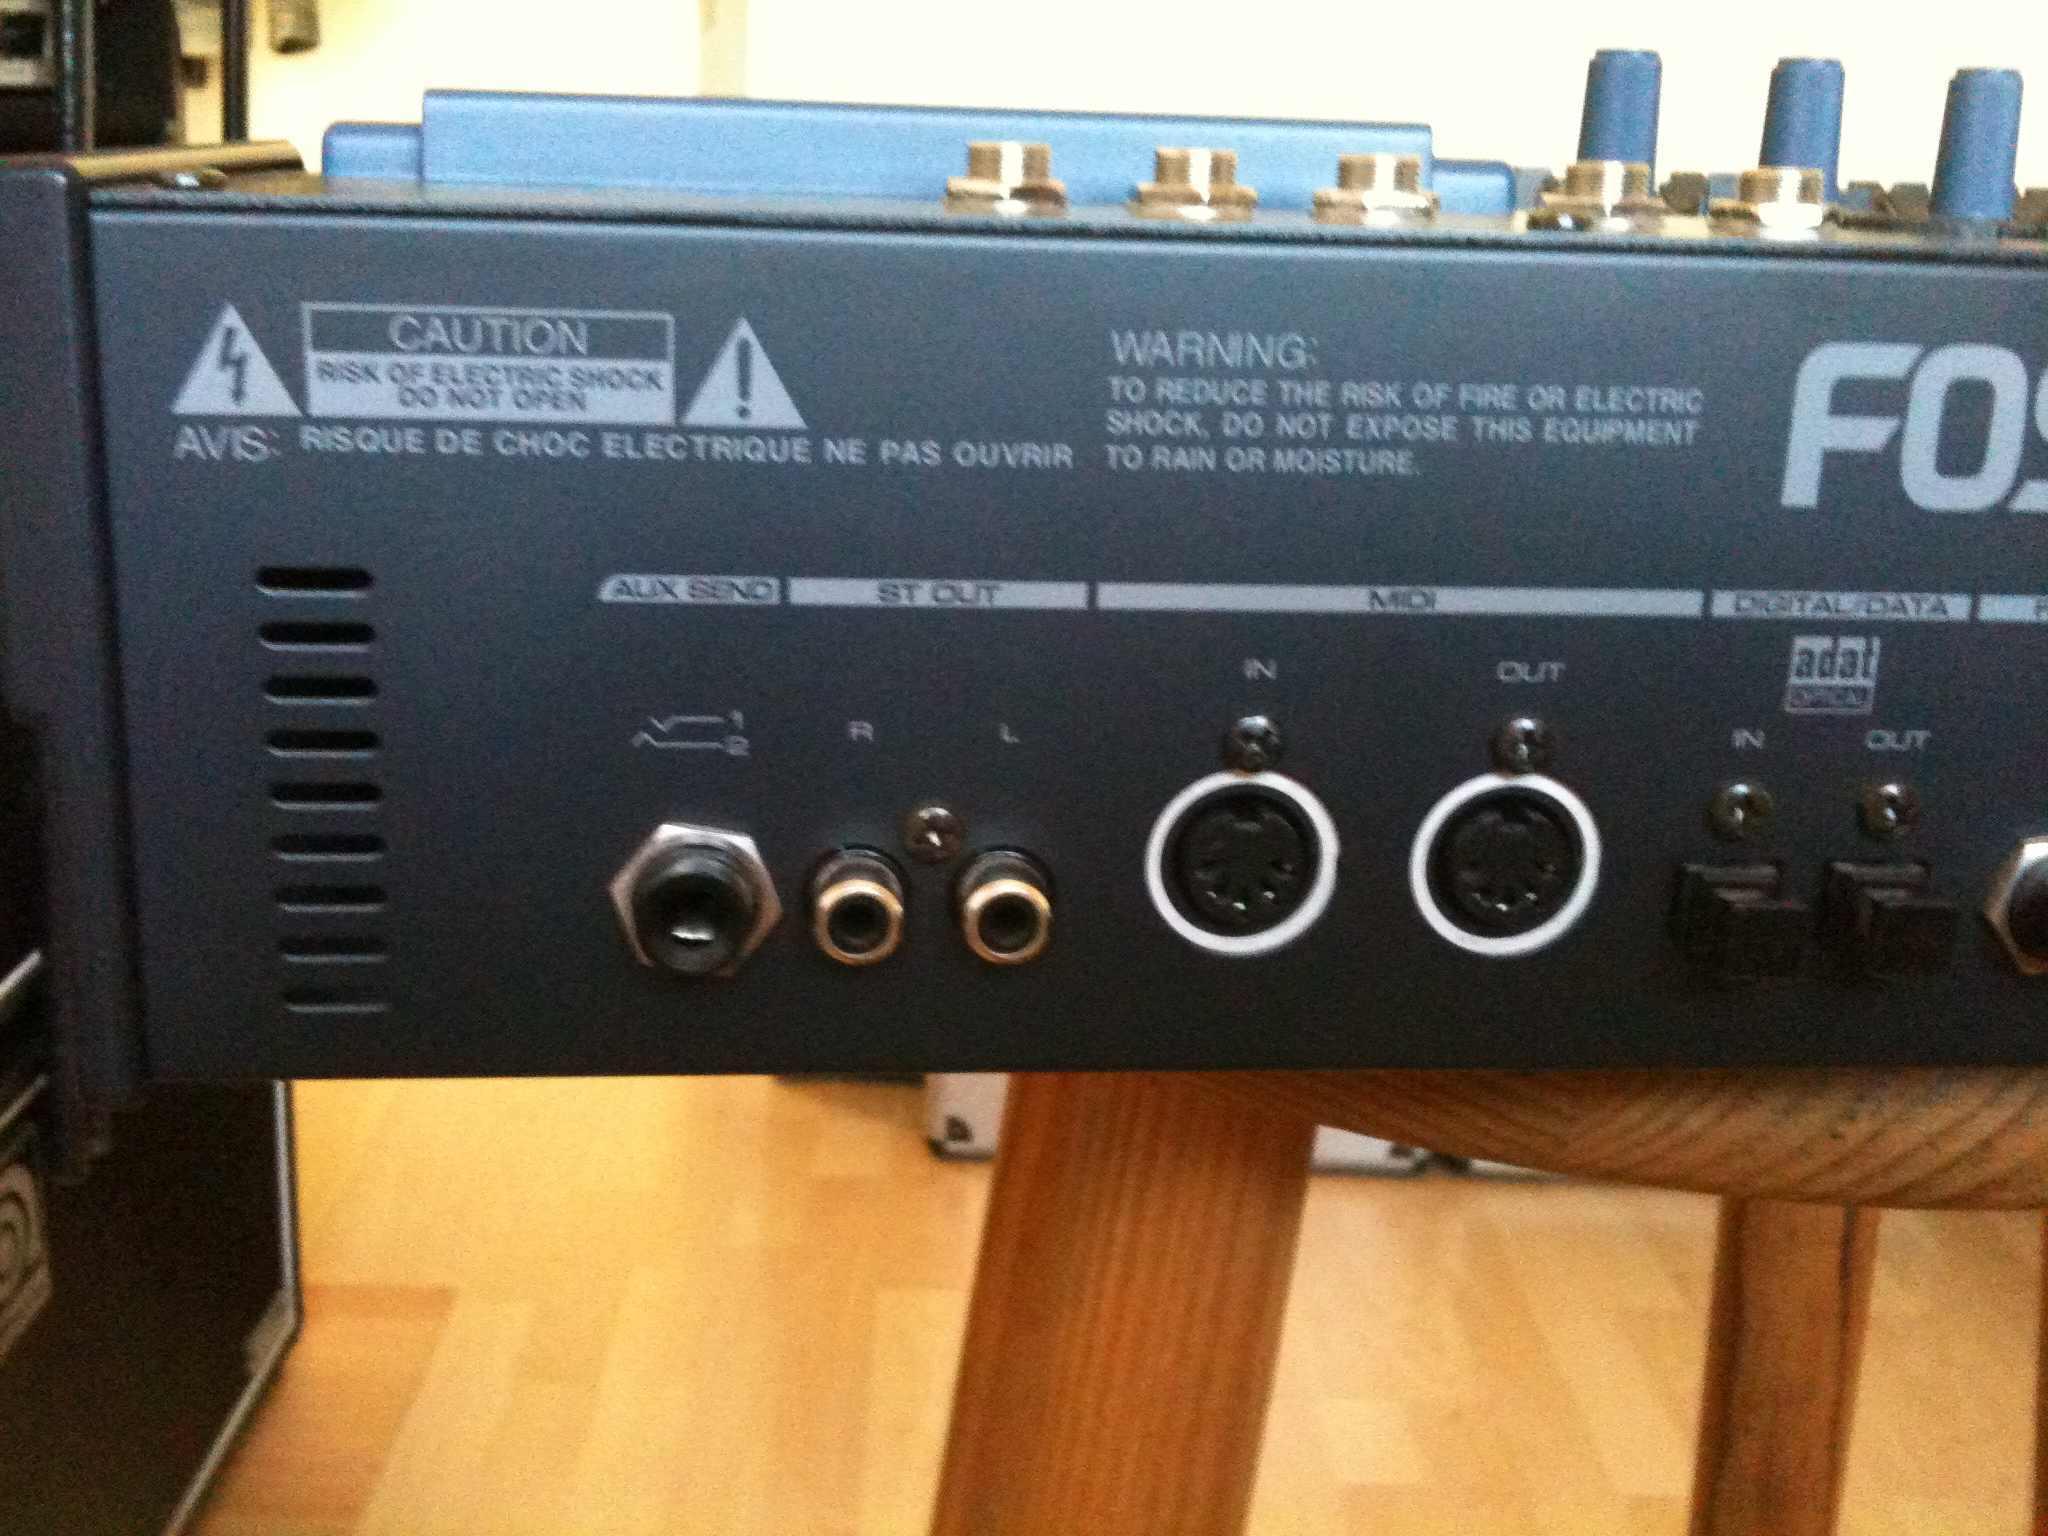 fostex vf160 image 132104 audiofanzine rh en audiofanzine com Fostex VF80EX Digital Multitracker Fostex VF160EX Review